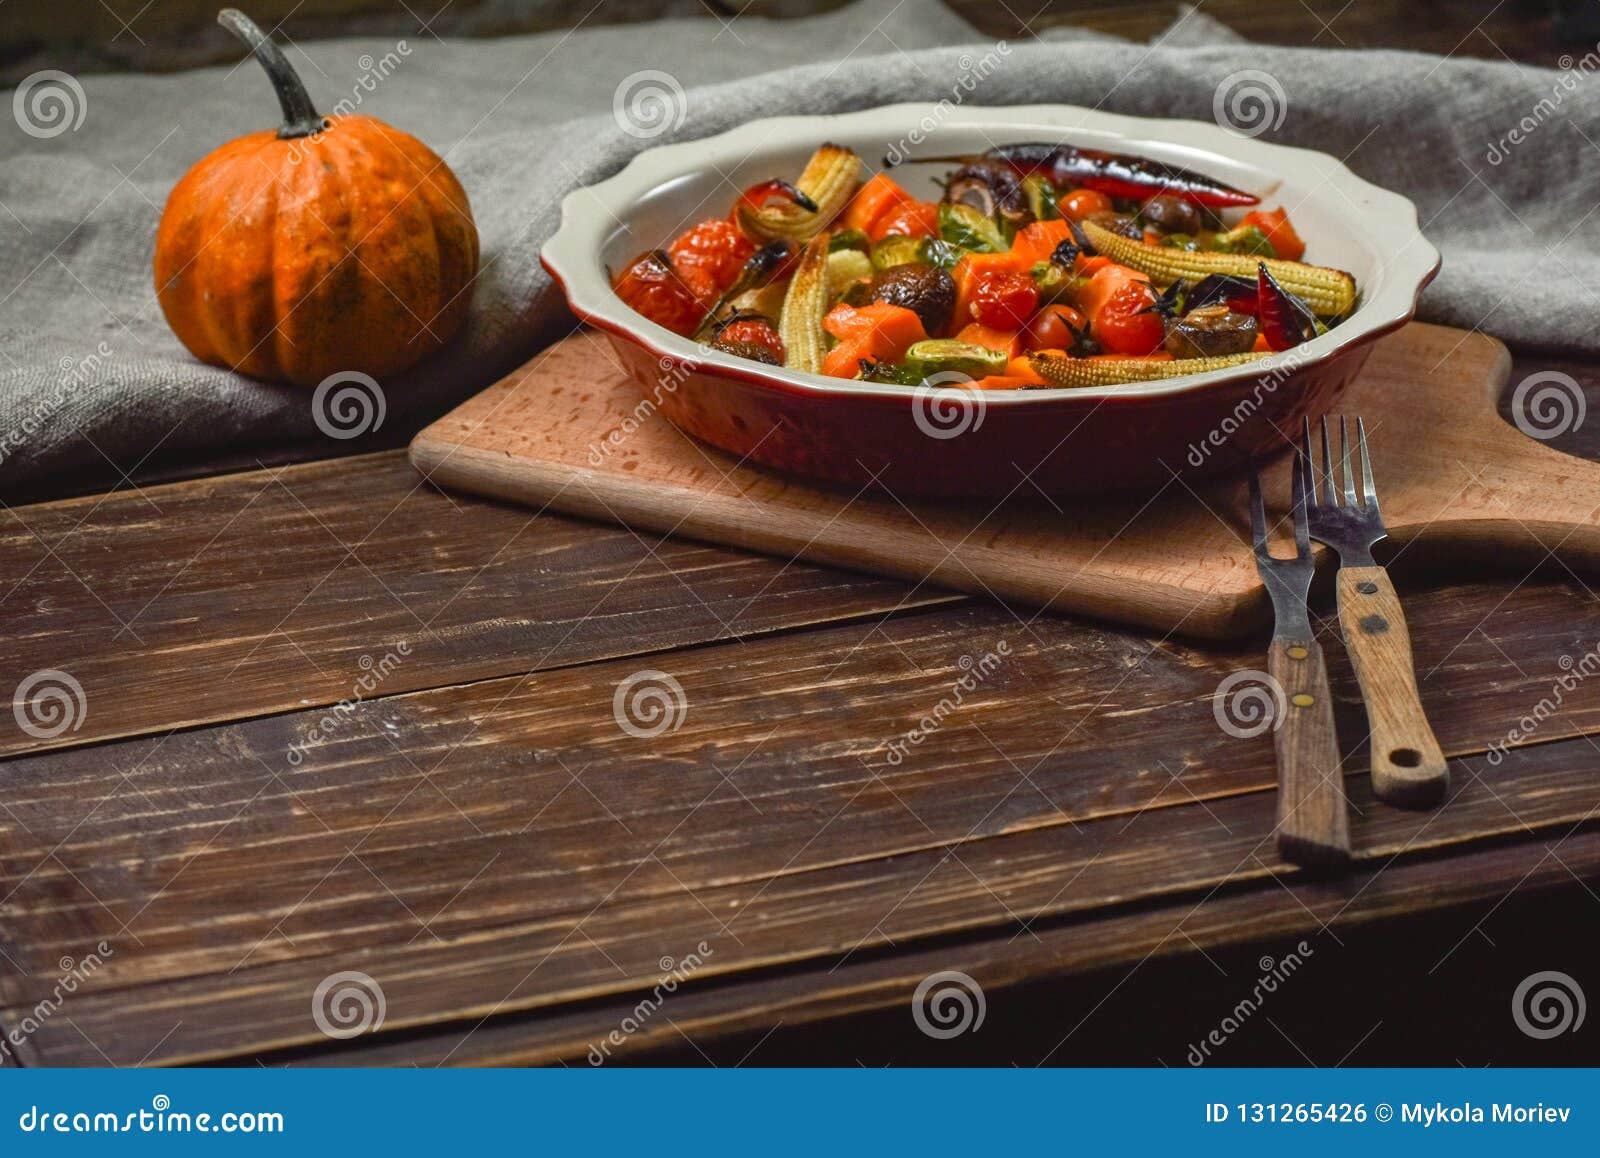 Εύγευστα λαχανικά που ψήνονται στο φούρνο σε ένα κεραμικό πιάτο σε έναν ξύλινο πίνακα Συσκευές, ύφασμα και εξαρτήματα διάστημα αν